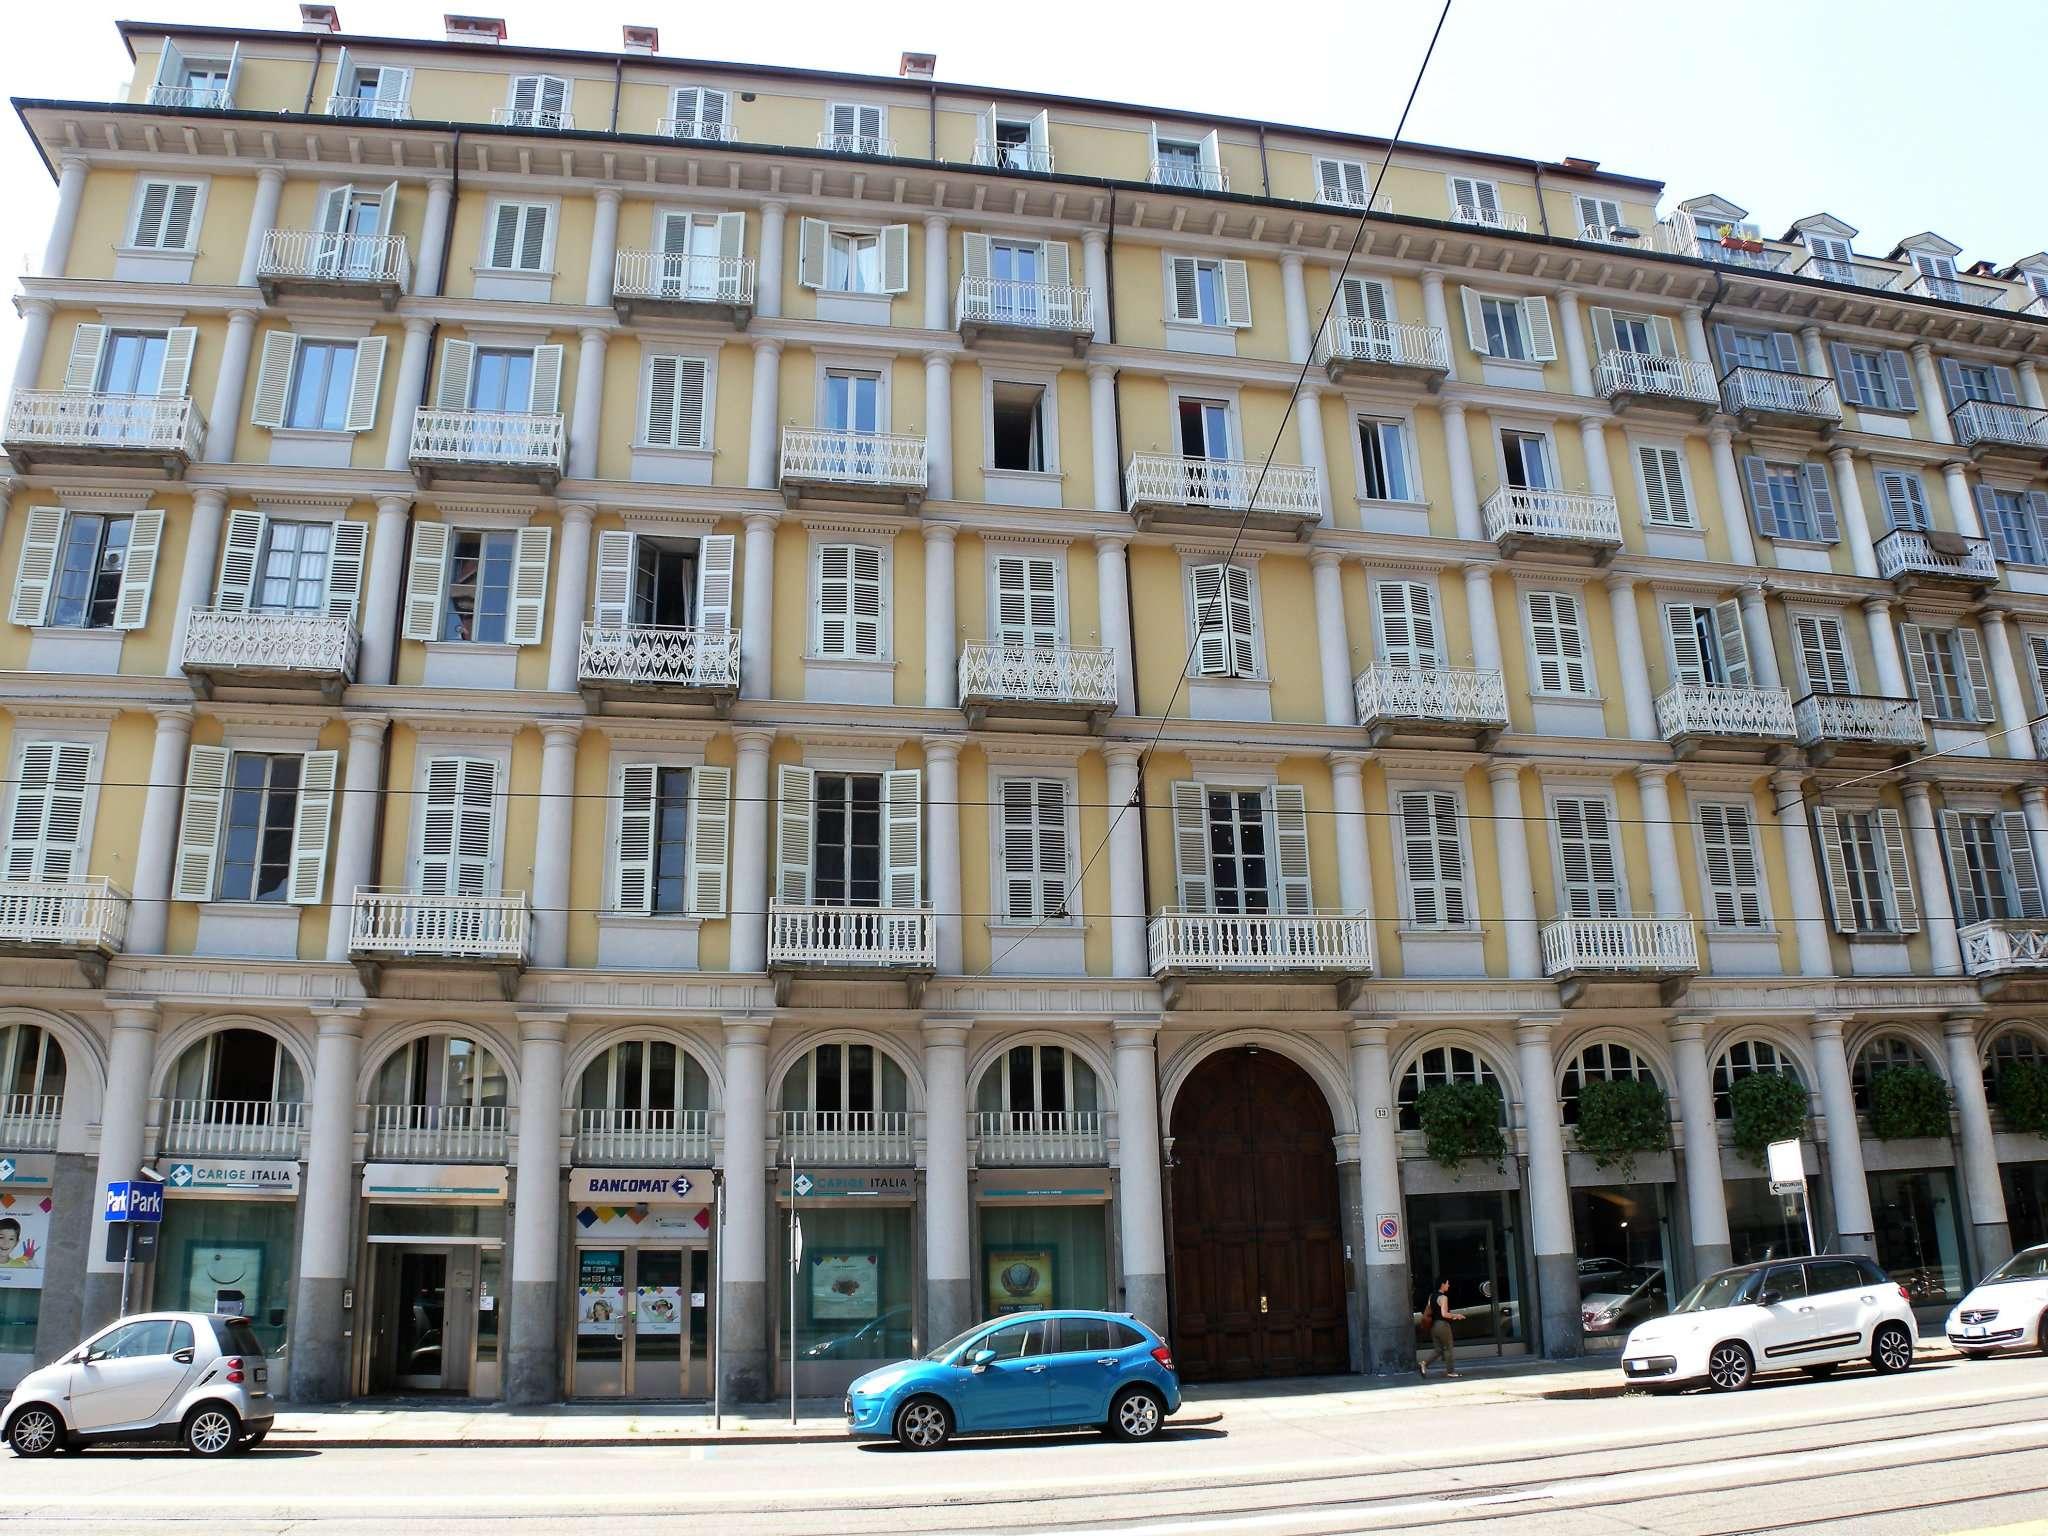 Immagine immobiliare corso matteotti ufficio 180 mq corso matteotti angolo via parini, pressi stazione ferroviaria